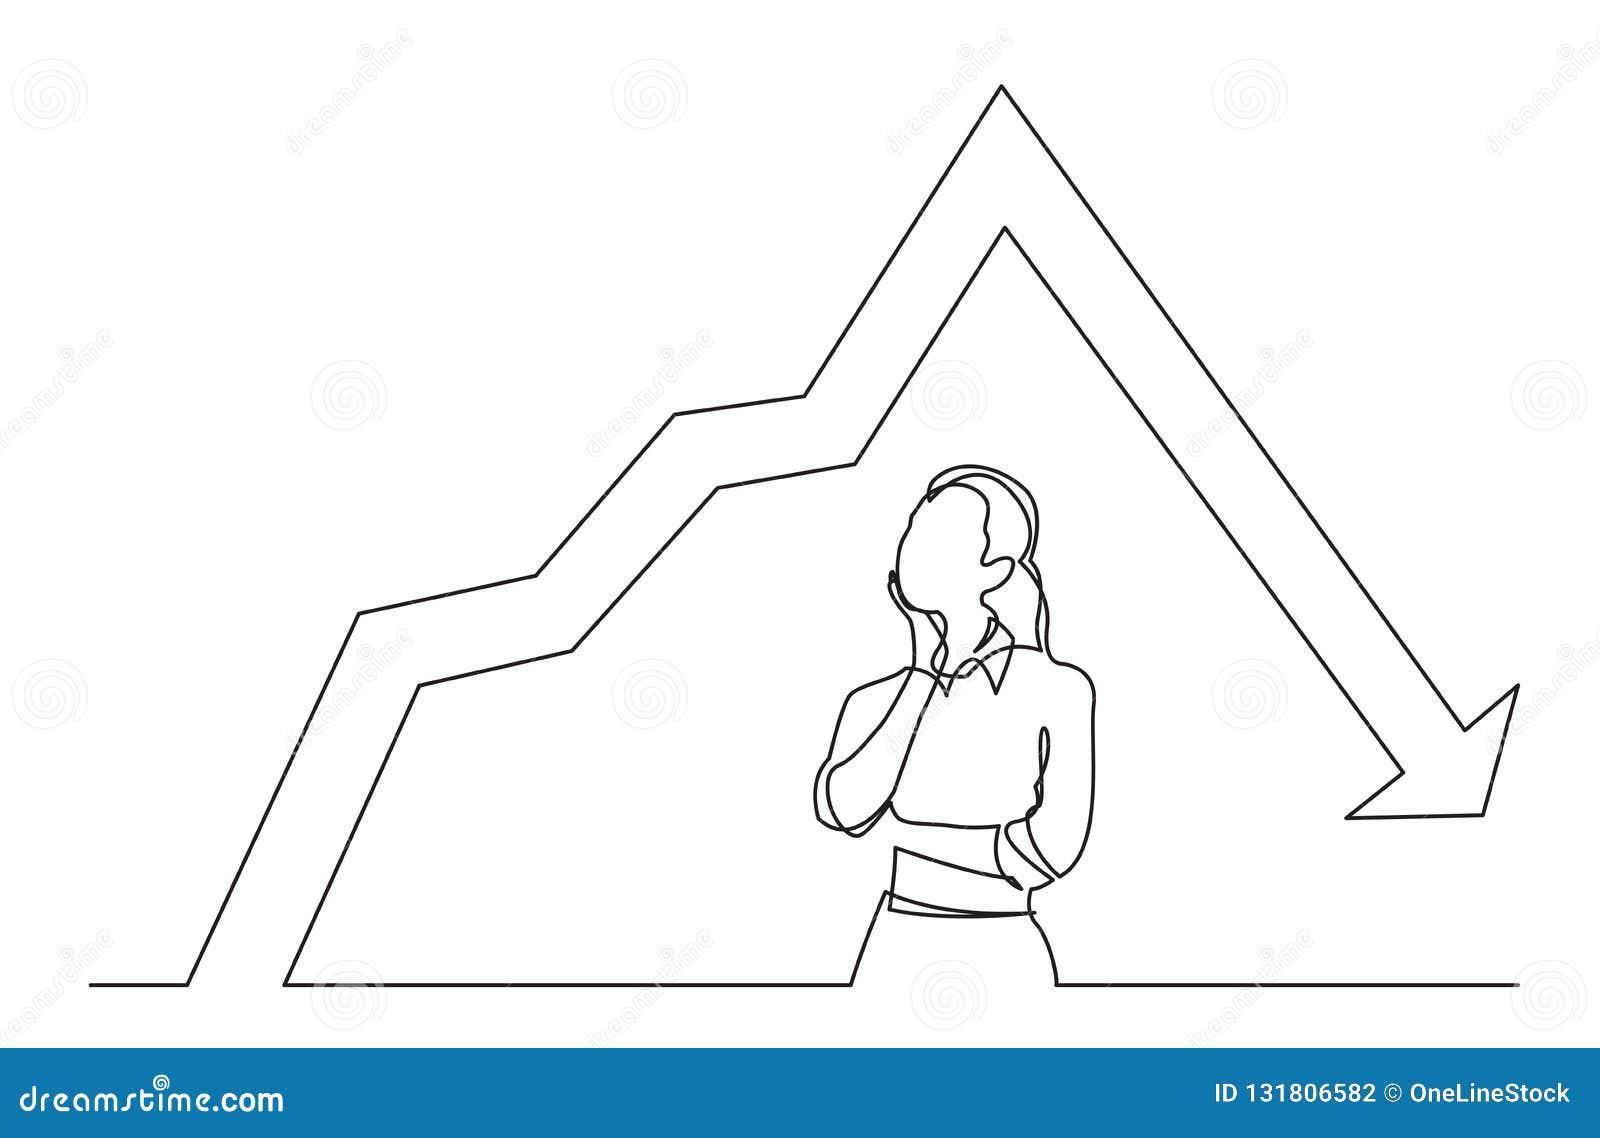 Disegno a tratteggio continuo della donna stante che pensa al grafico diminuente